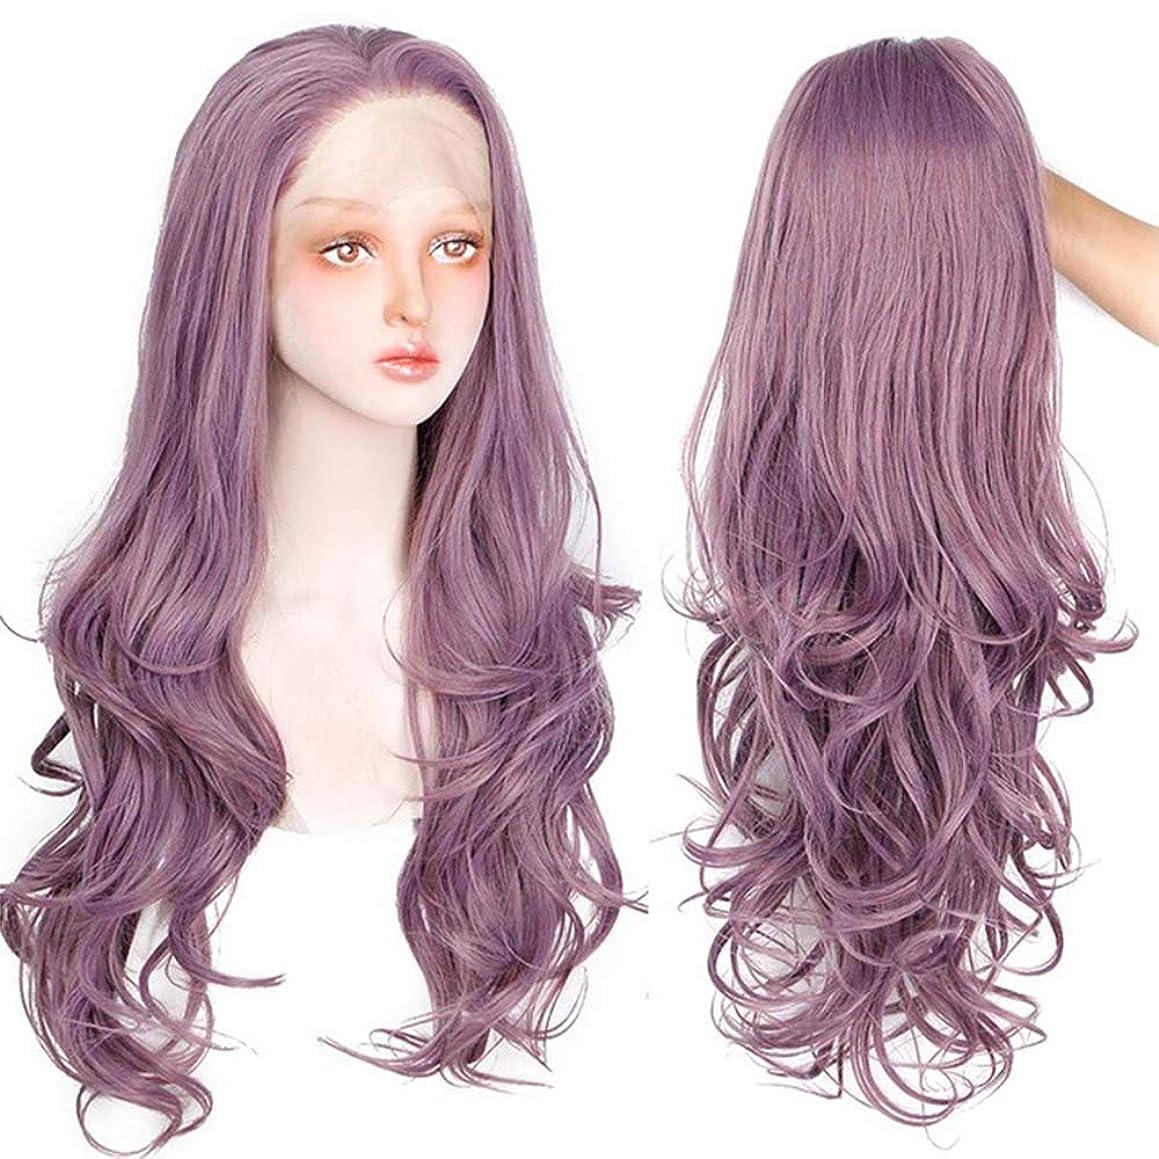 心理的マークされた想定女性のためのフロントレースウィッグロングウェーブ耐熱ファイバーウィッグ180%密度紫26インチ